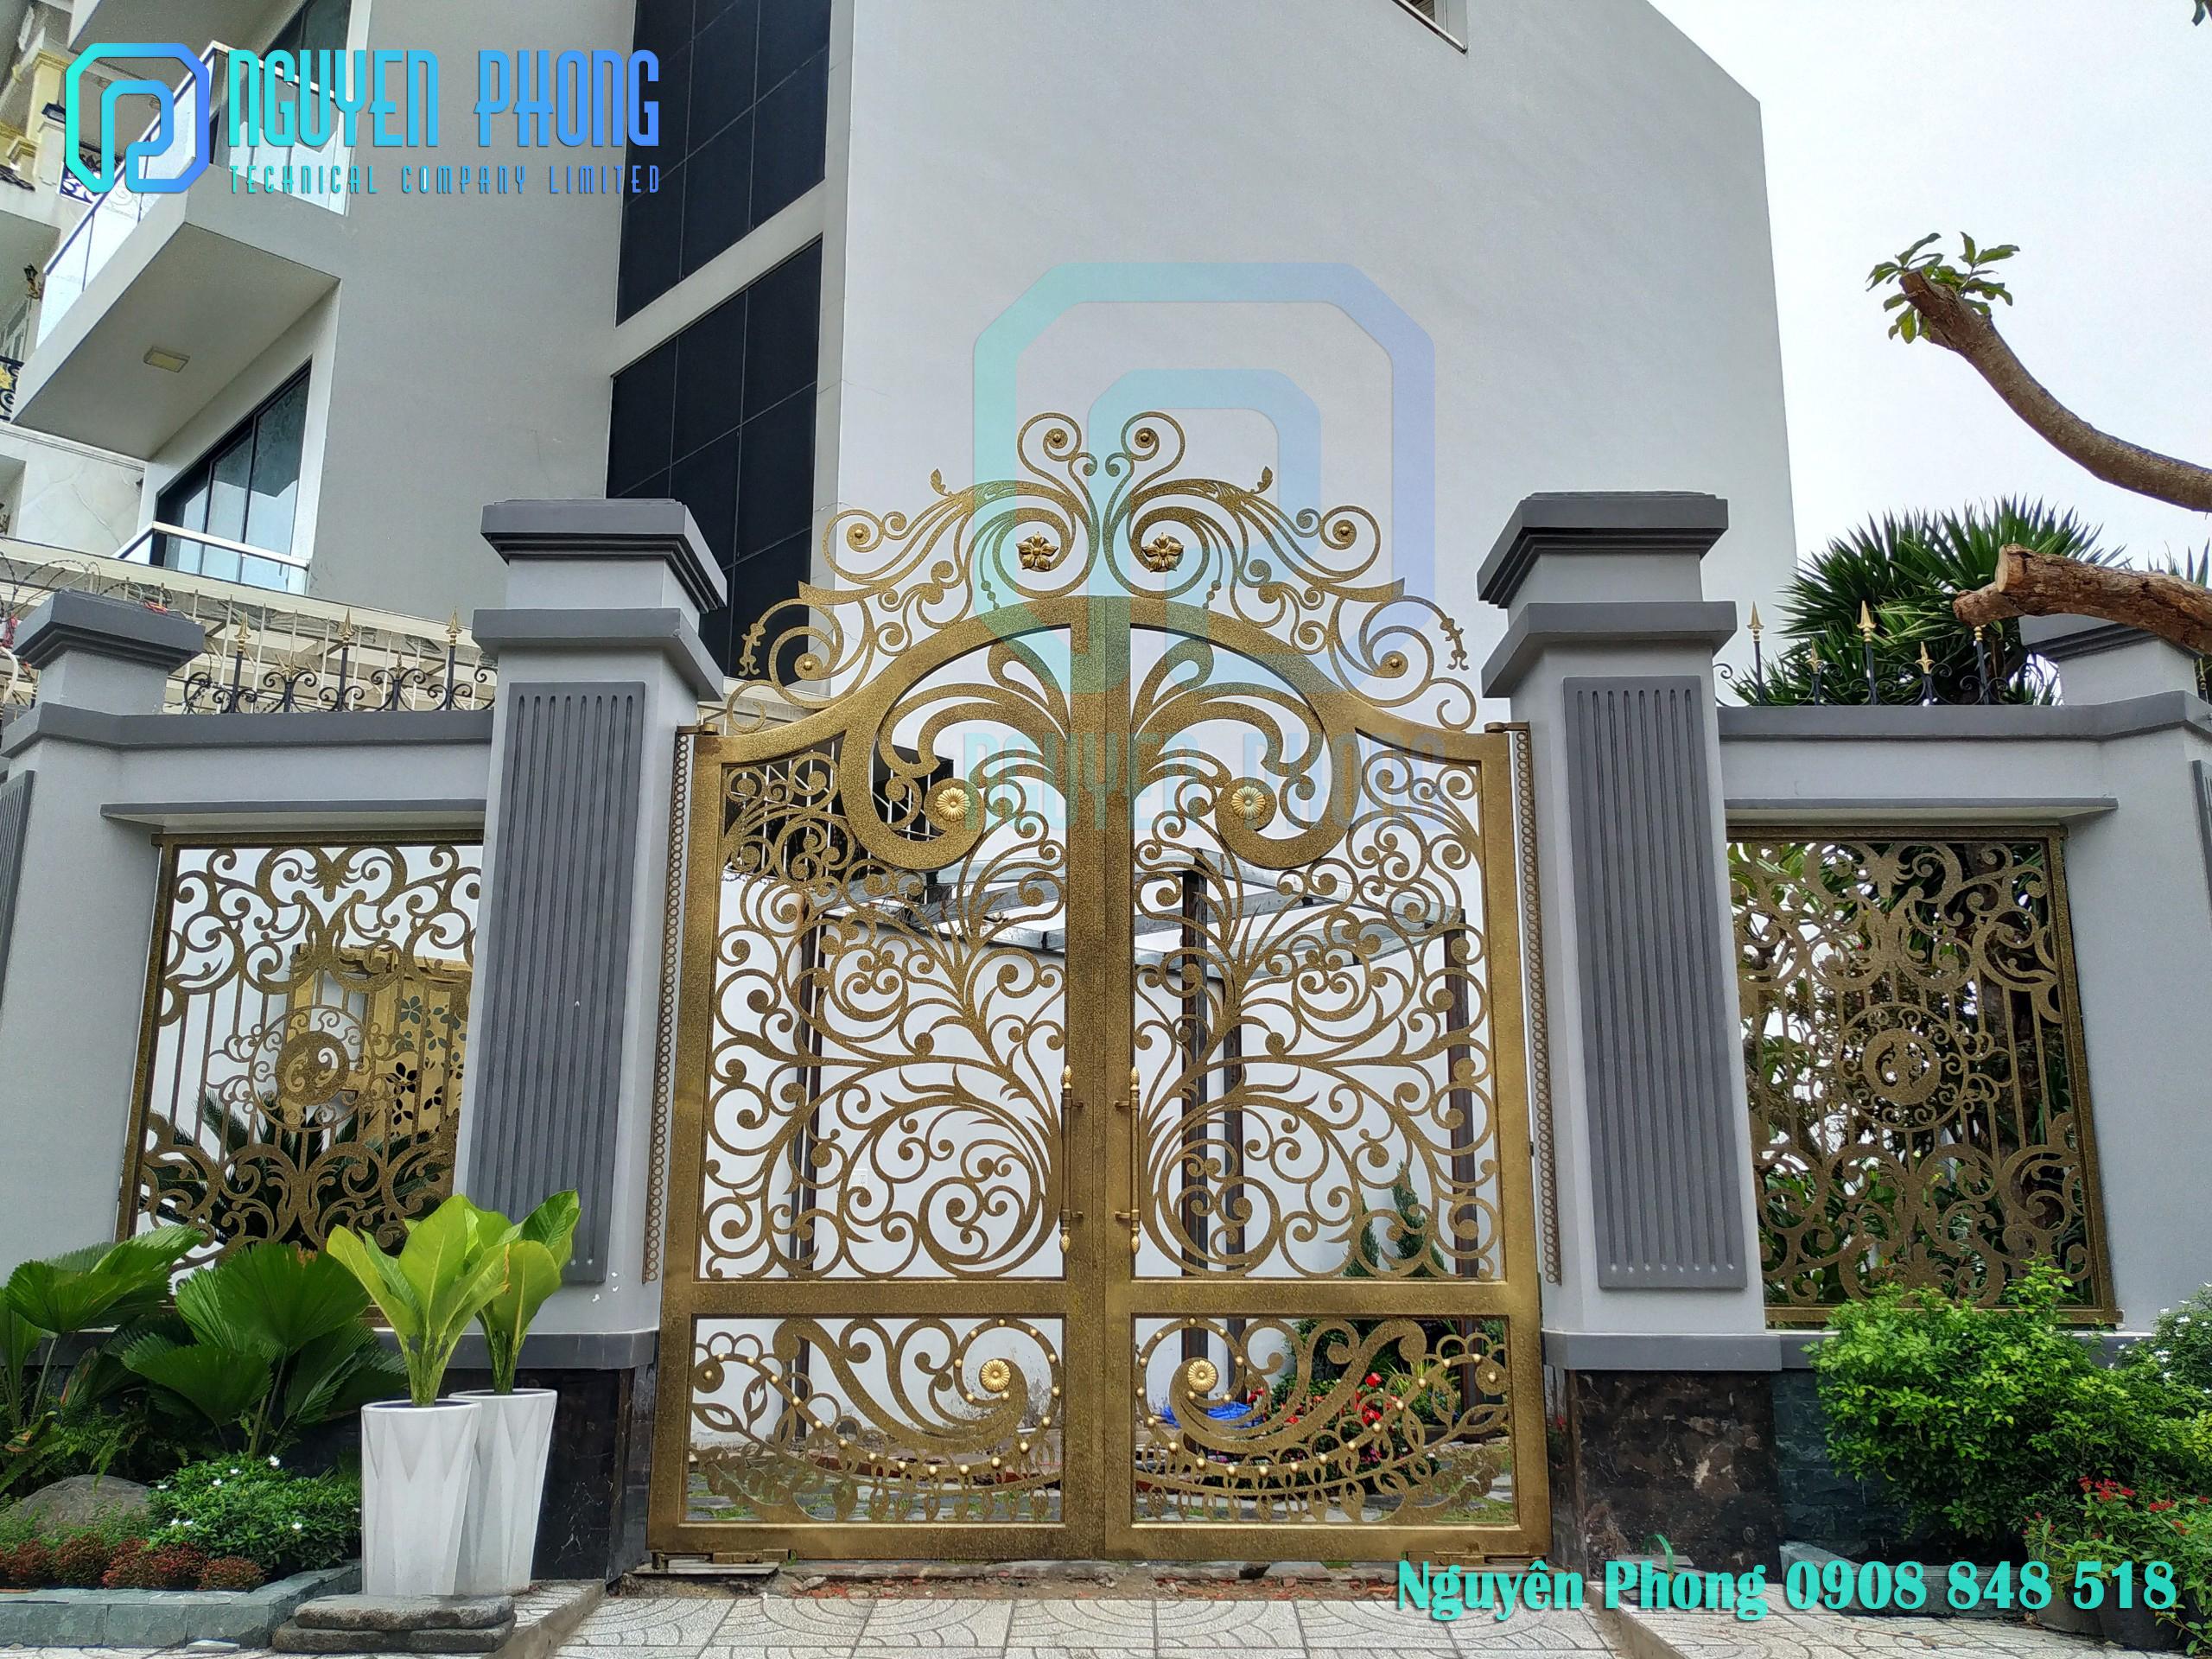 Nguyên Phong thiết kế, gia công, thi công cổng sắt mỹ thuật, sơn epoxy cao cấp cho biệt thự, nhà phố